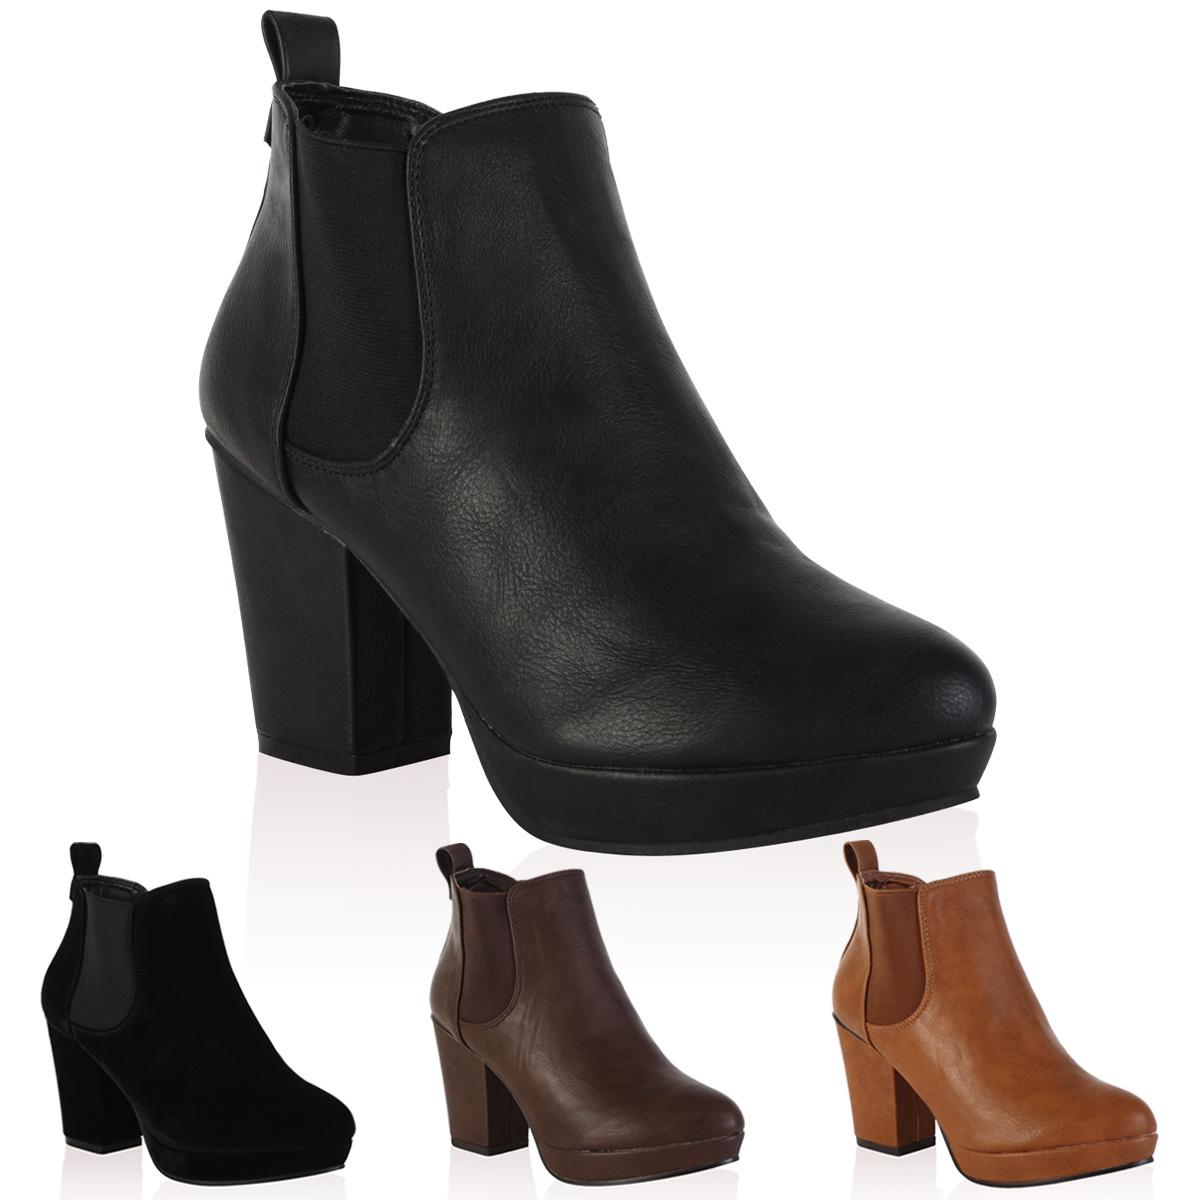 417a074b9cc6 Je veux trouver des bottes femmes de qualités pas cher ICI Bottine talon ...